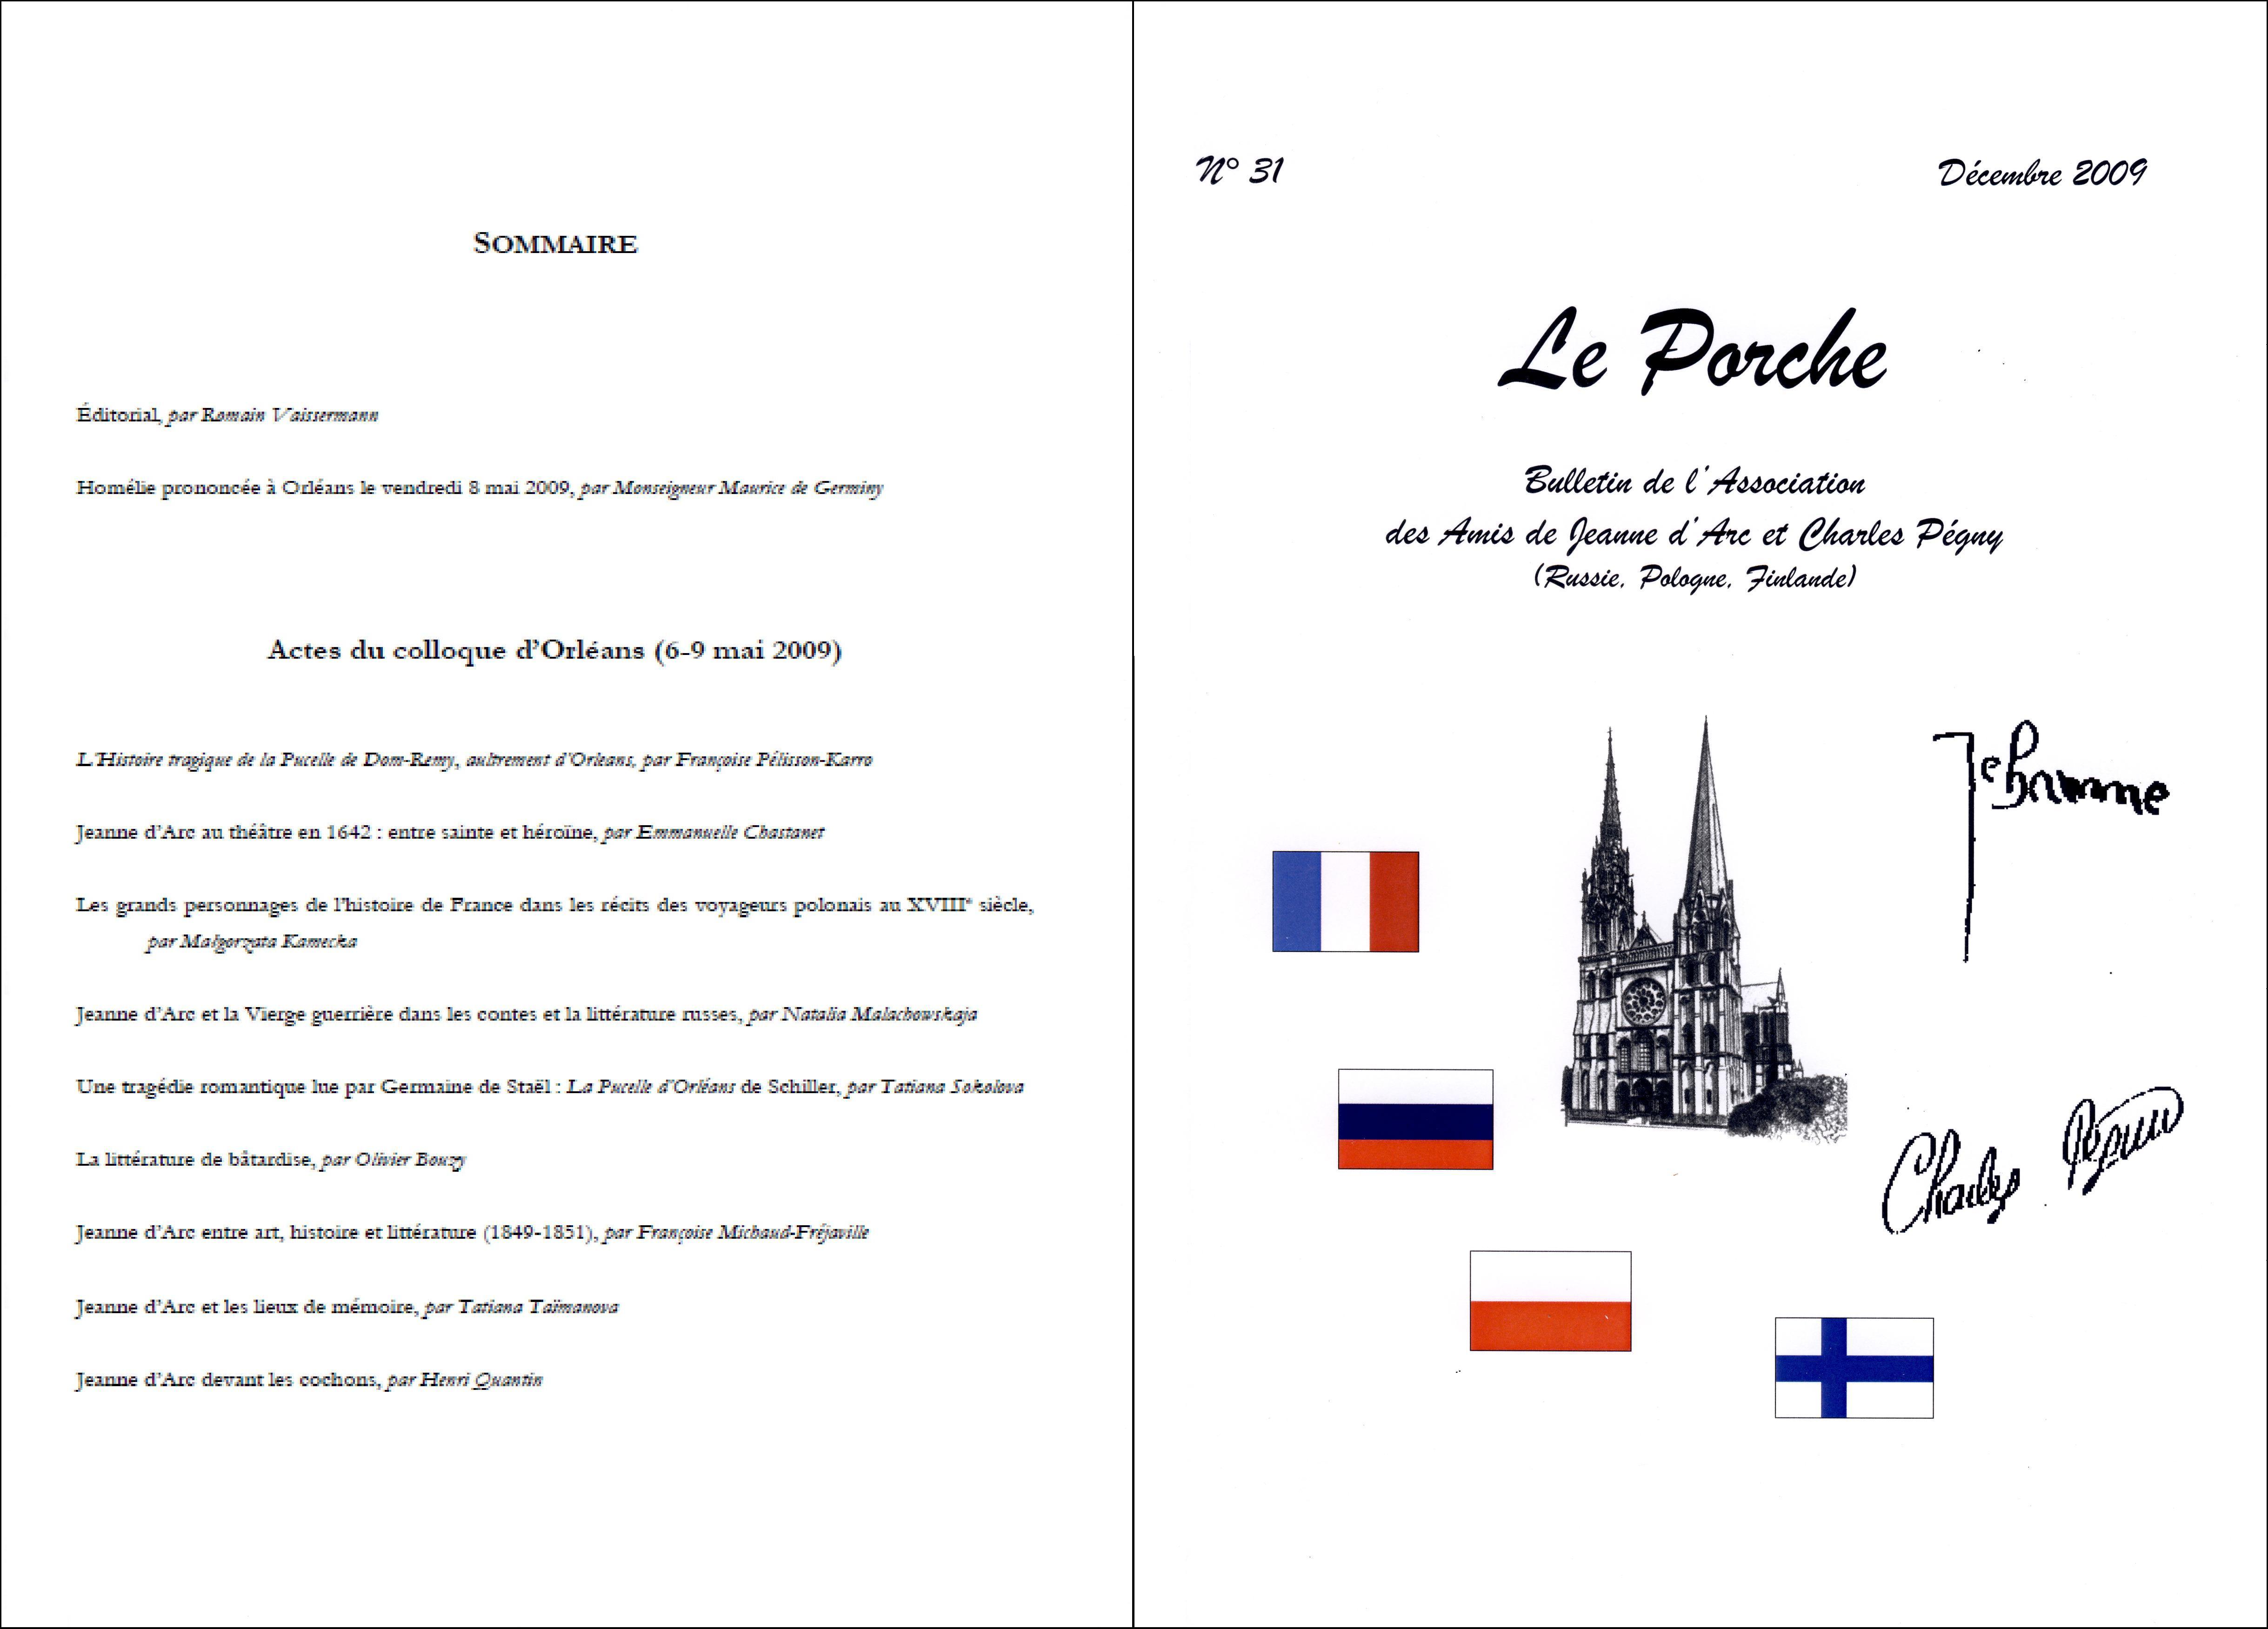 Colloque d'Orléans, vol. I, 160 exemplaires